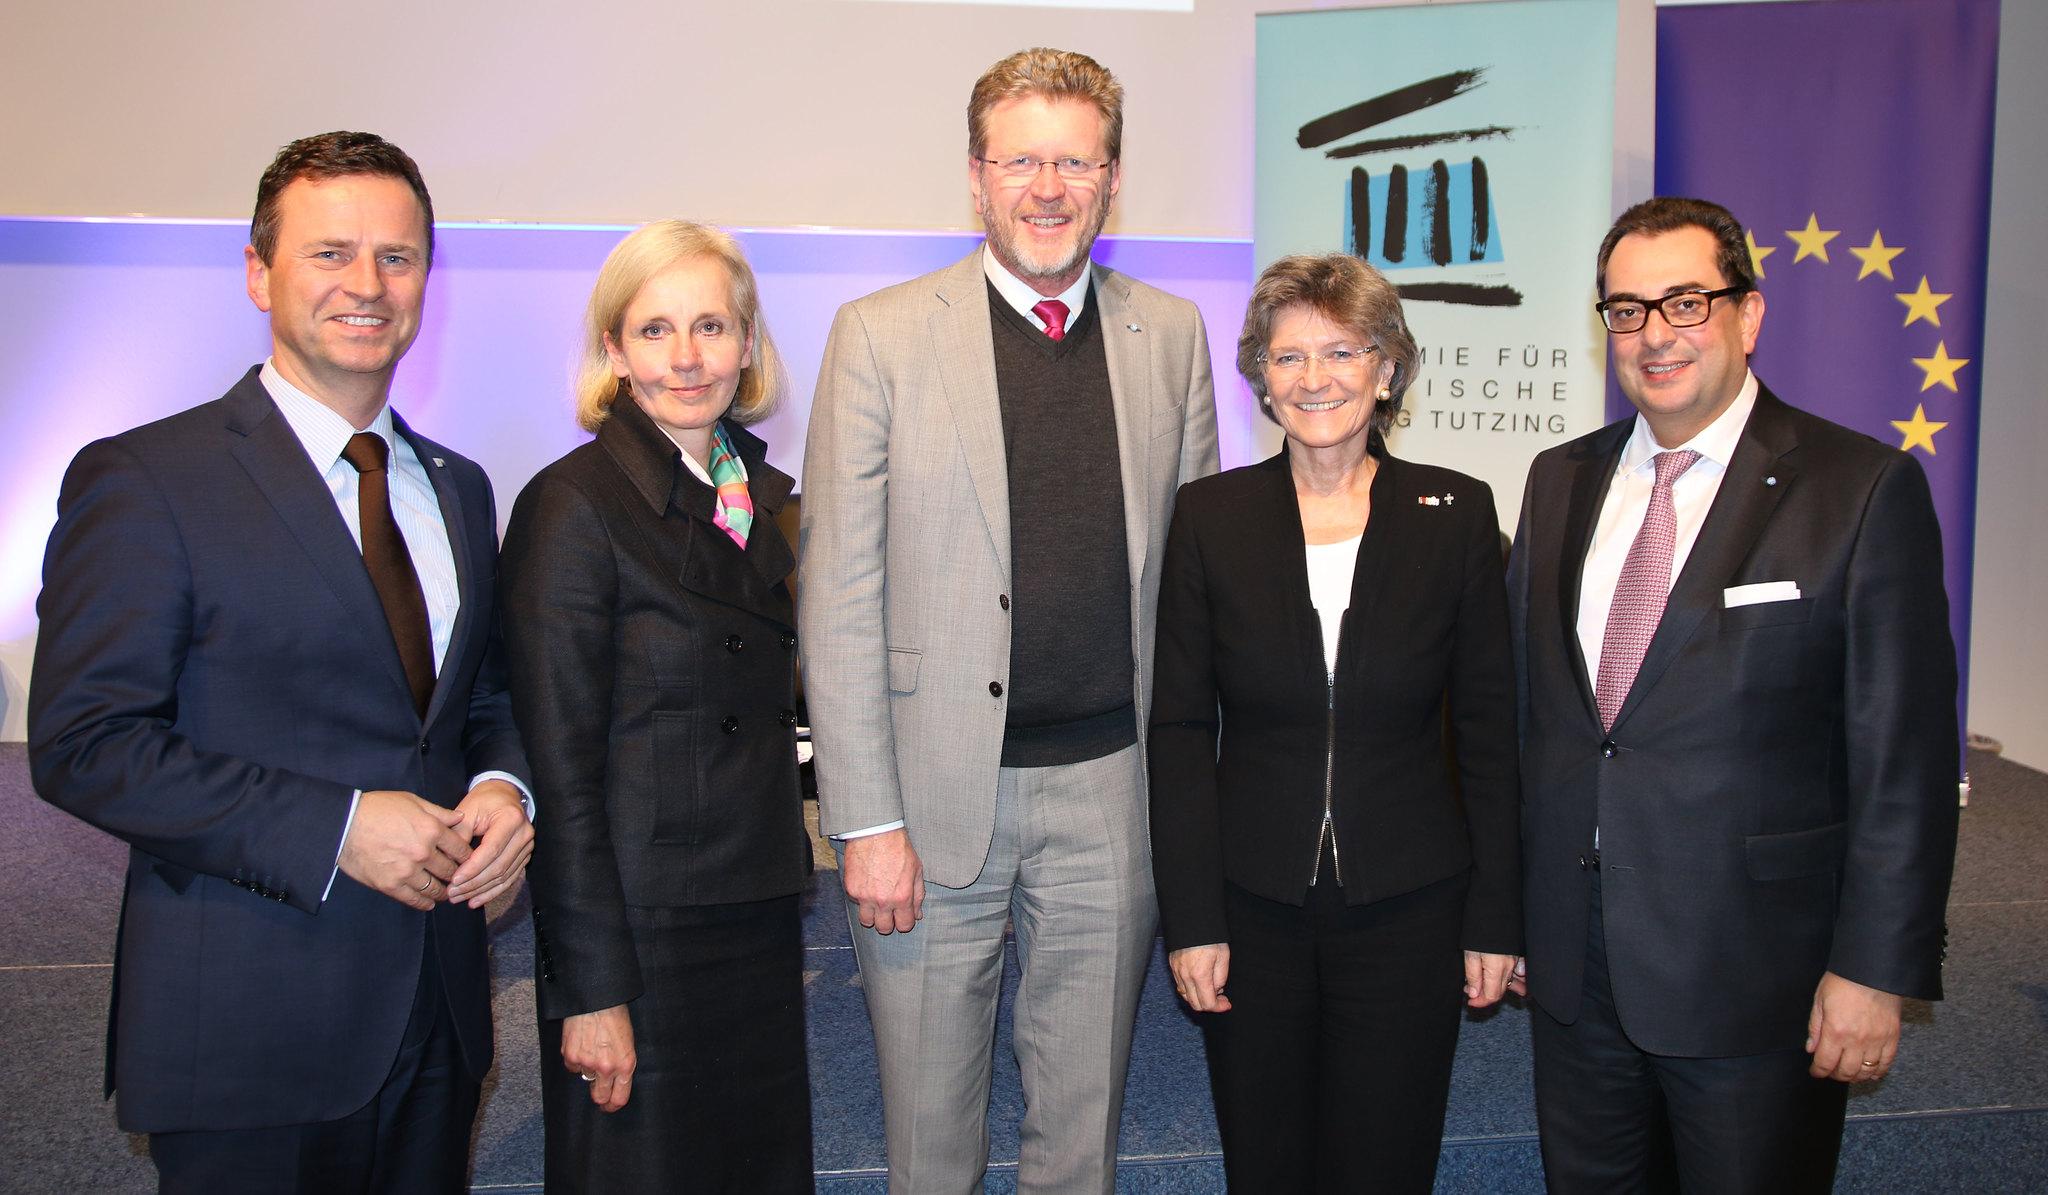 Gastgeber und Diskutanten: Manfred Gößl, Ursula Münch, Marcel Huber, Susanne Breit-Kessler und Stavros Konstantinidis.